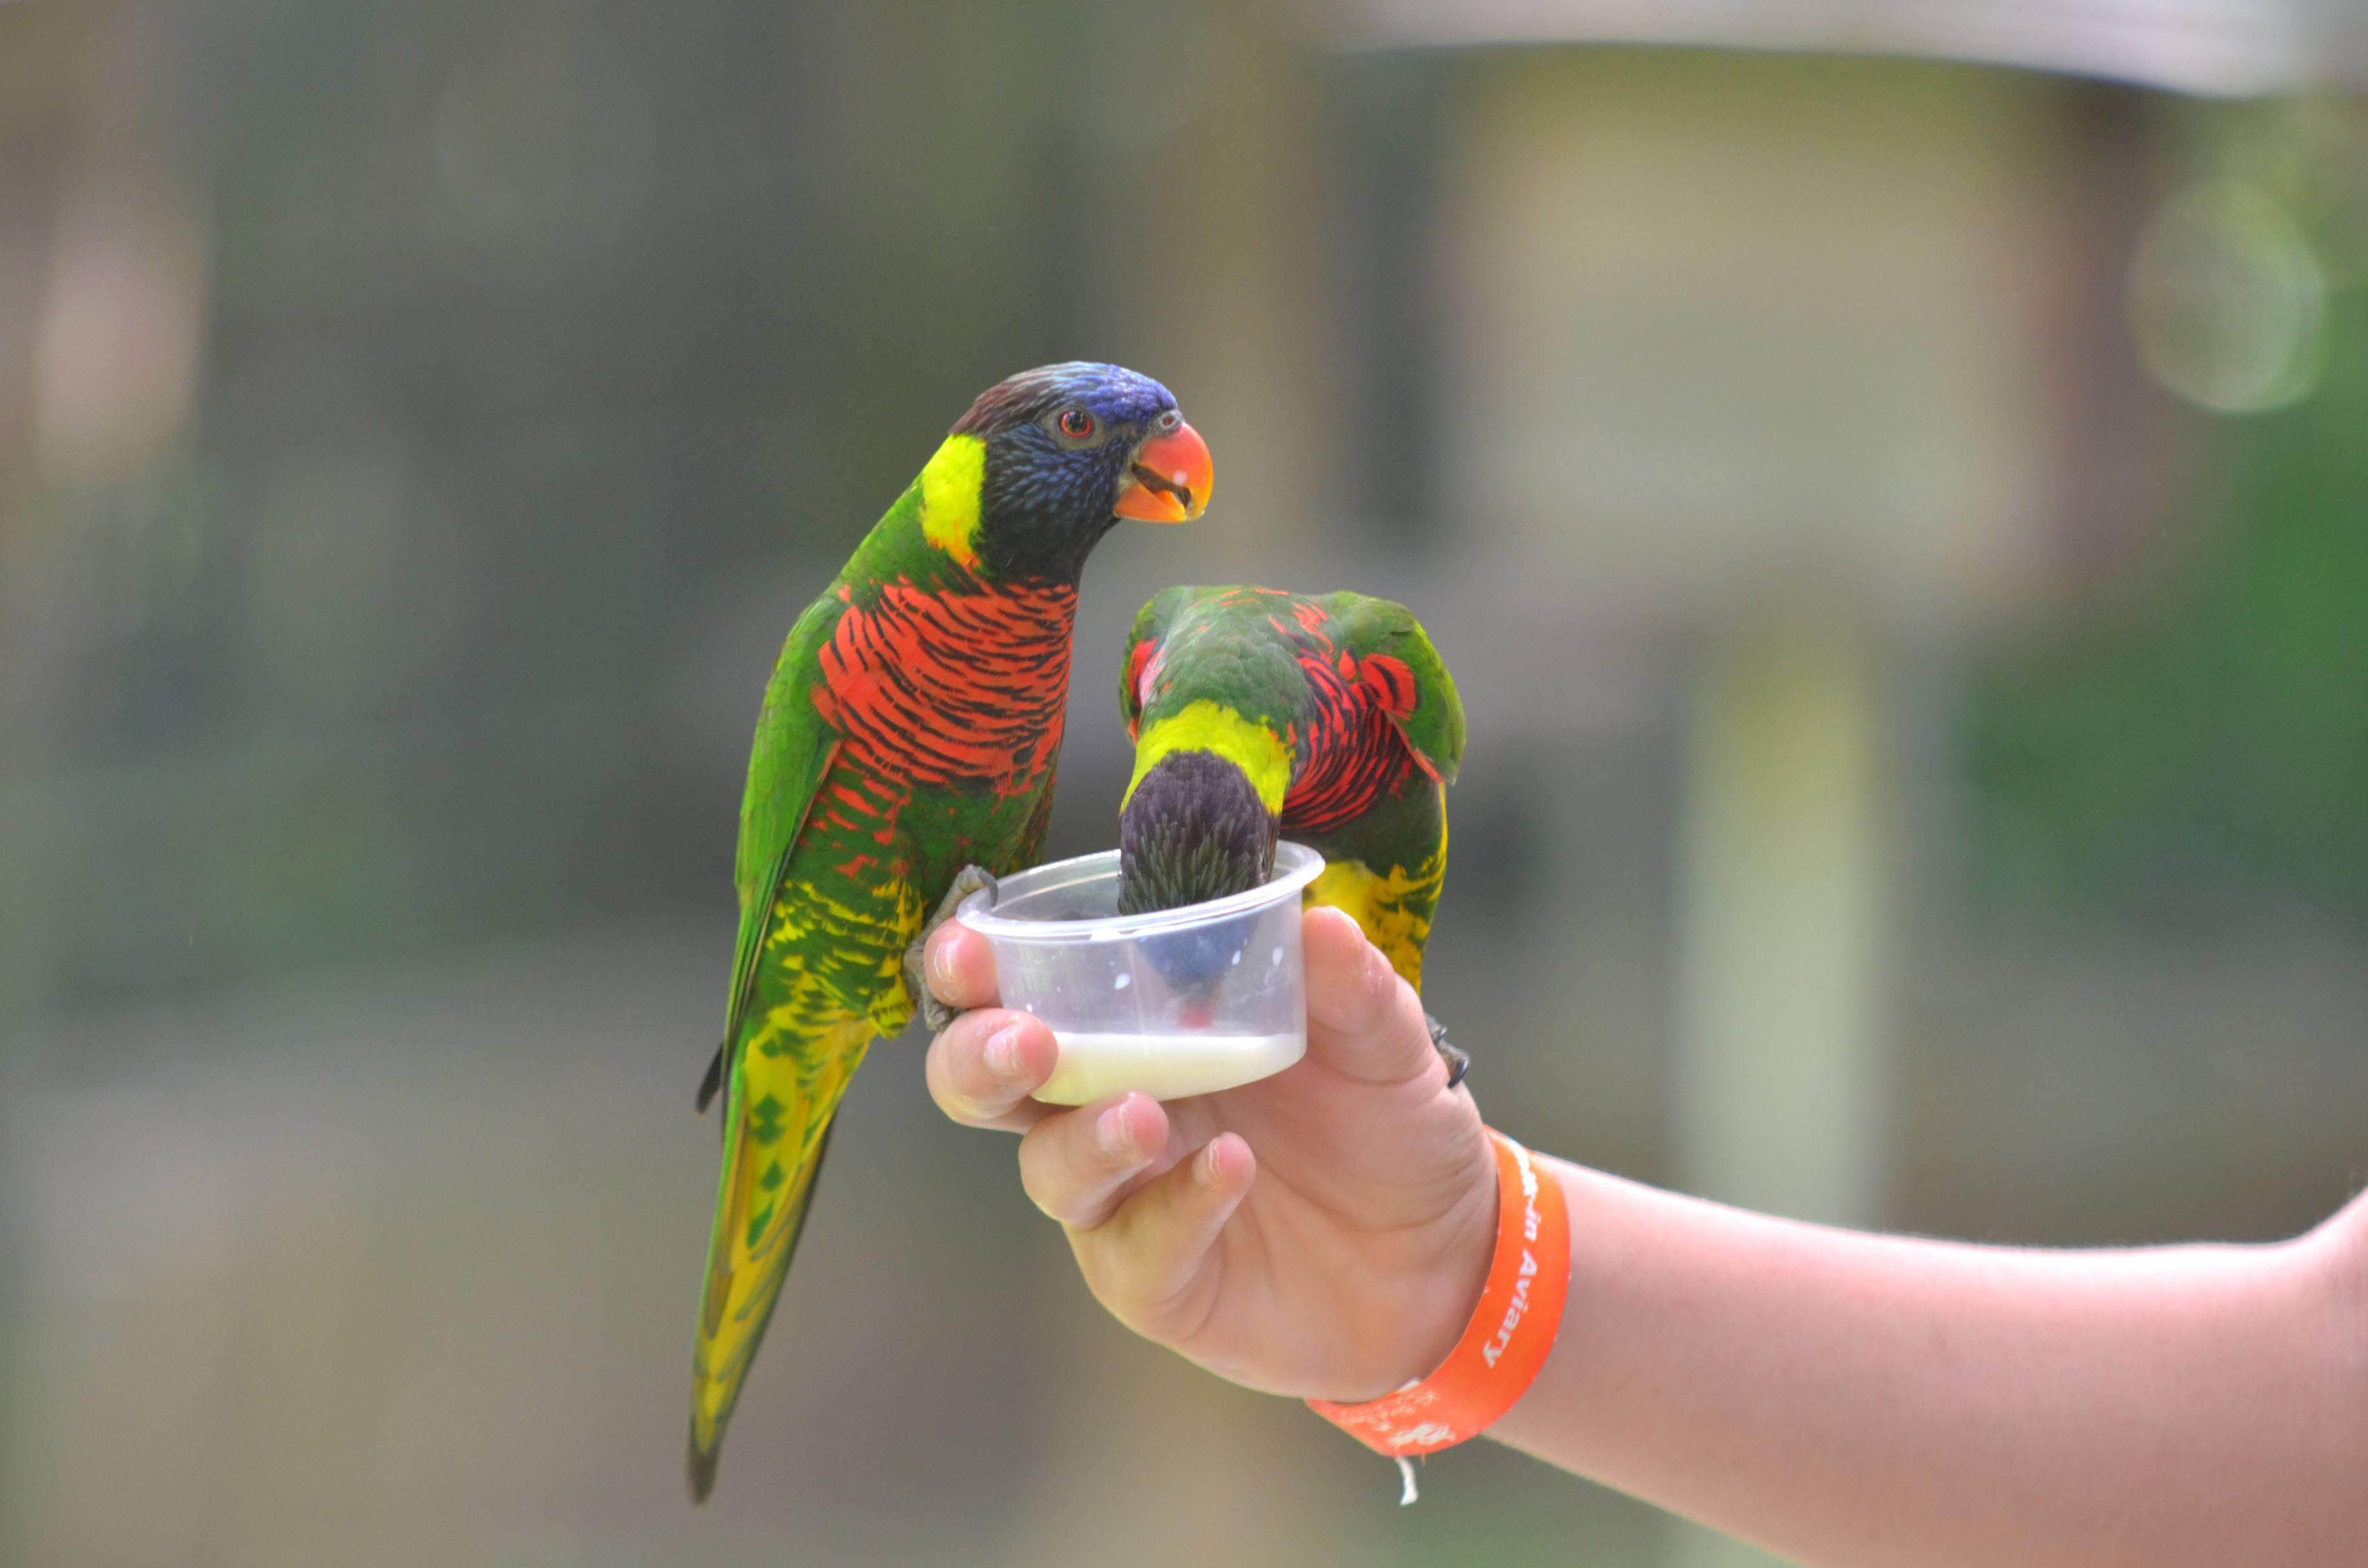 حديقة الطيور كوالالمبور ماليزيا